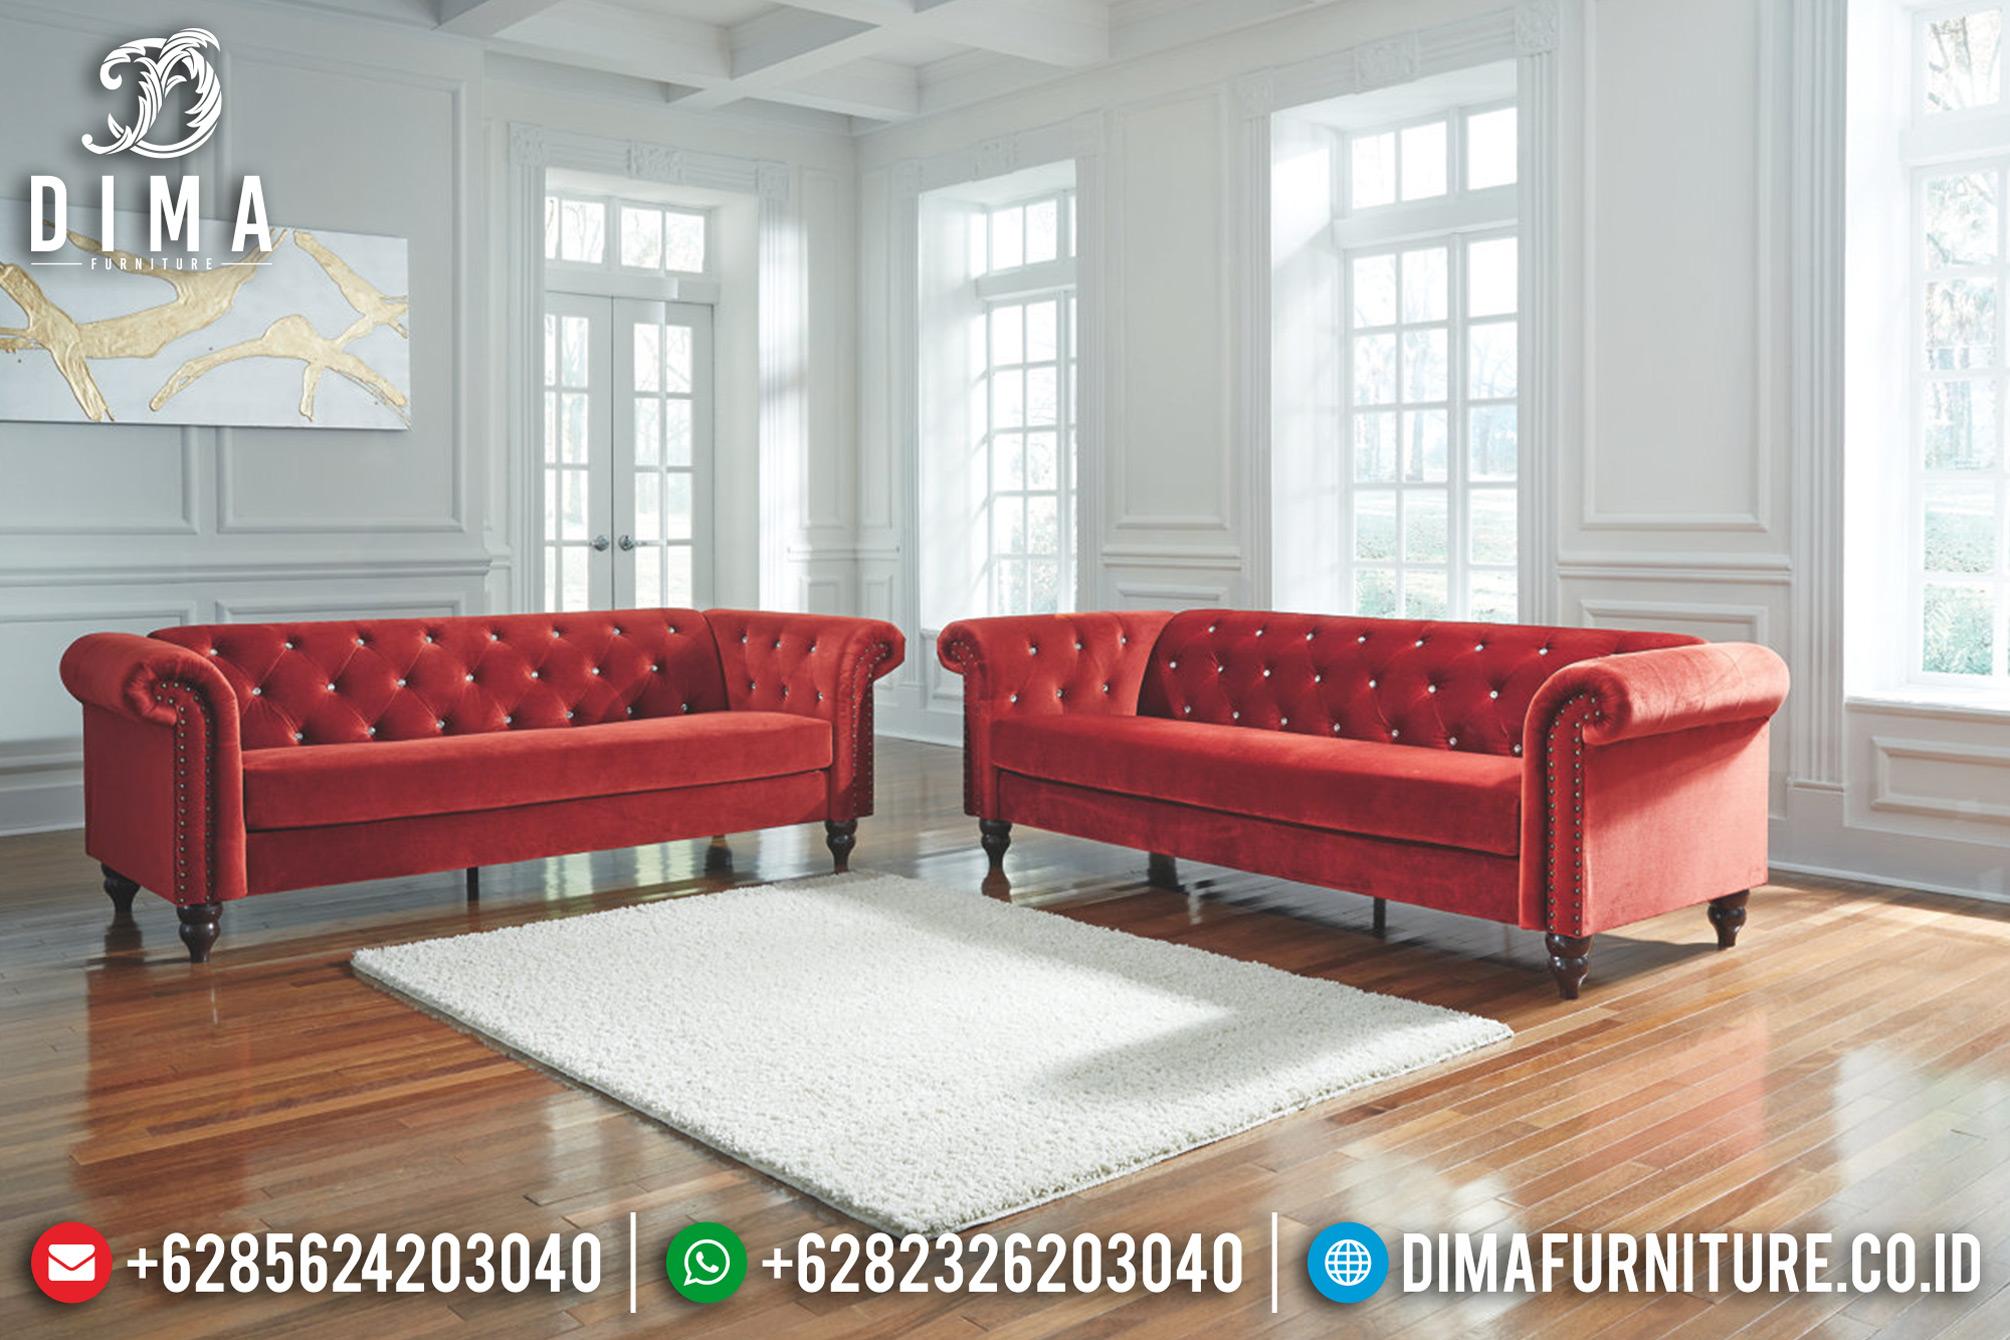 Beli 1 Set Sofa Tamu Minimalis Jepara Chester Terbaru Merah Bludru DF-0670 Gambar 2